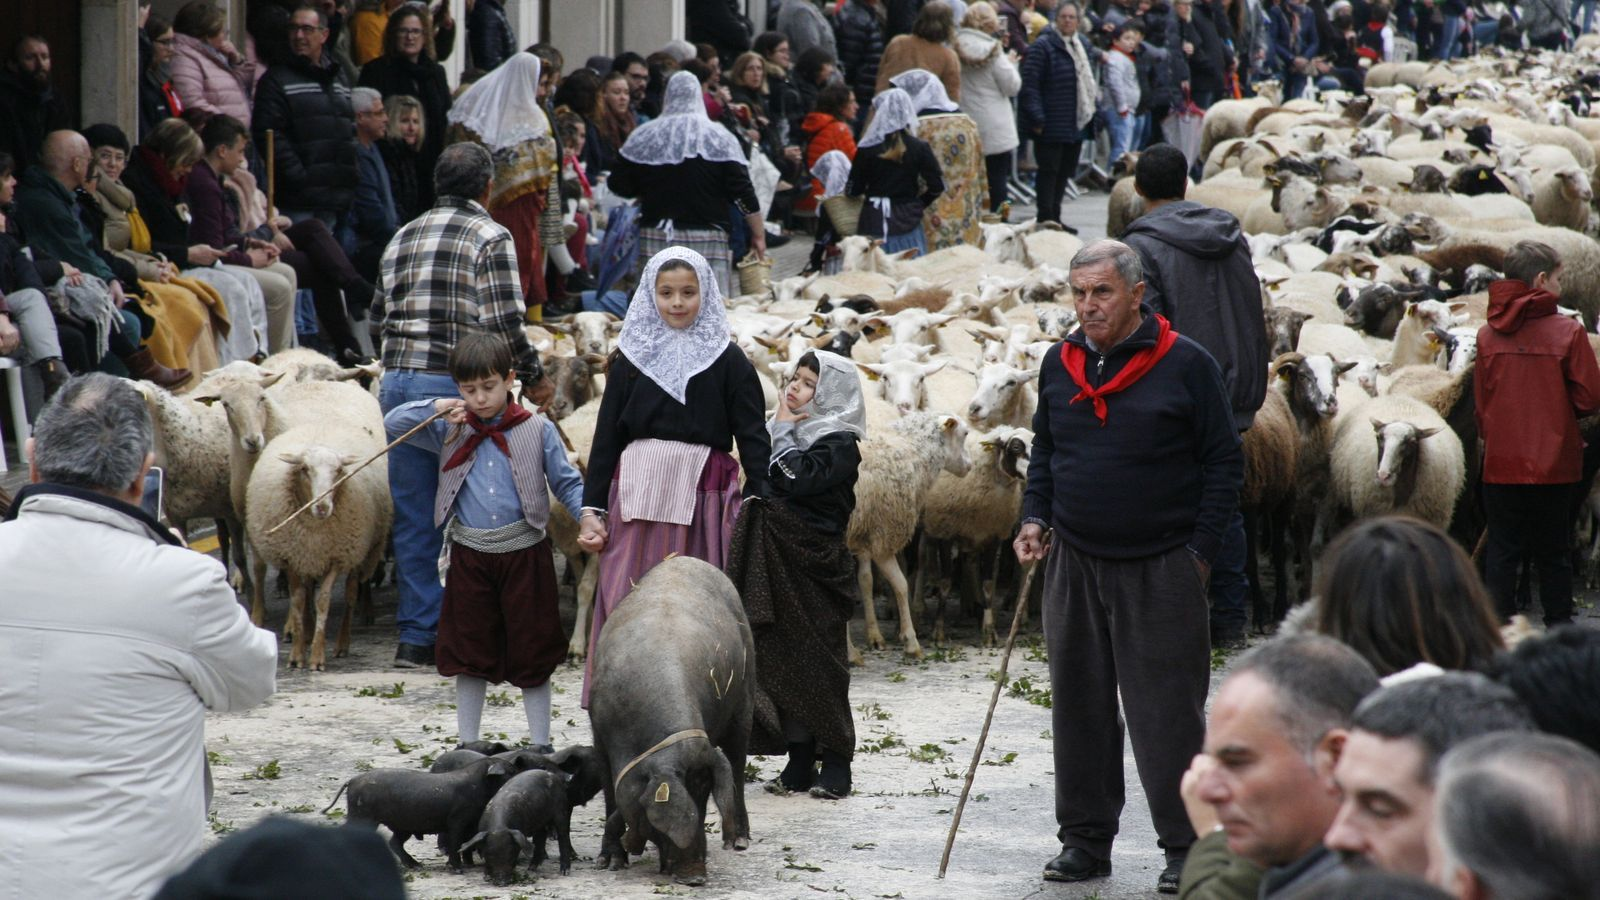 Una truja amb porcellets per davant d'una guarda d'ovelles.